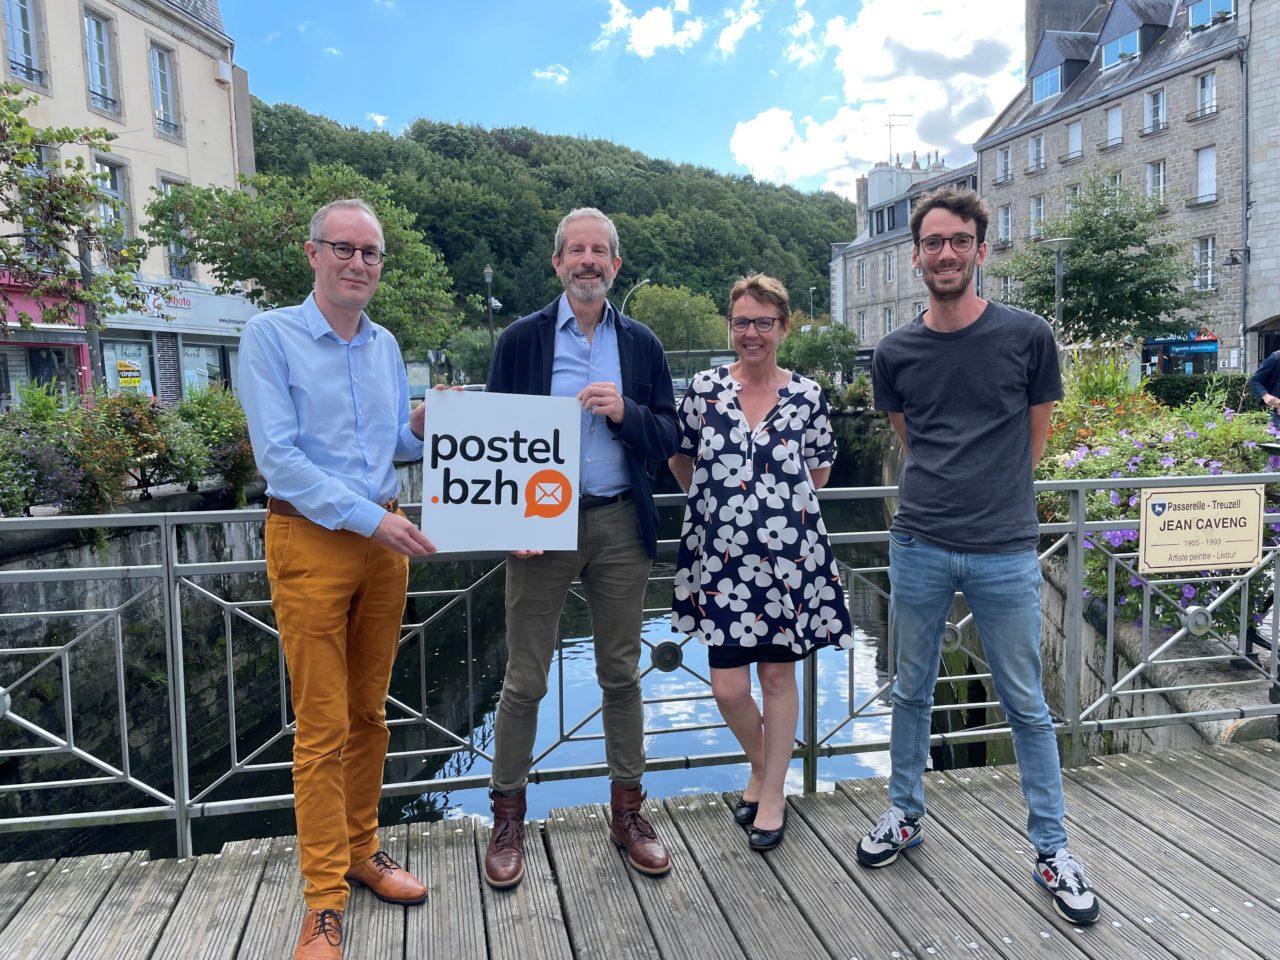 L'association www.bzh et Mailo lancent postel.bzh, la messagerie bretonne qui respecte votre vie privée